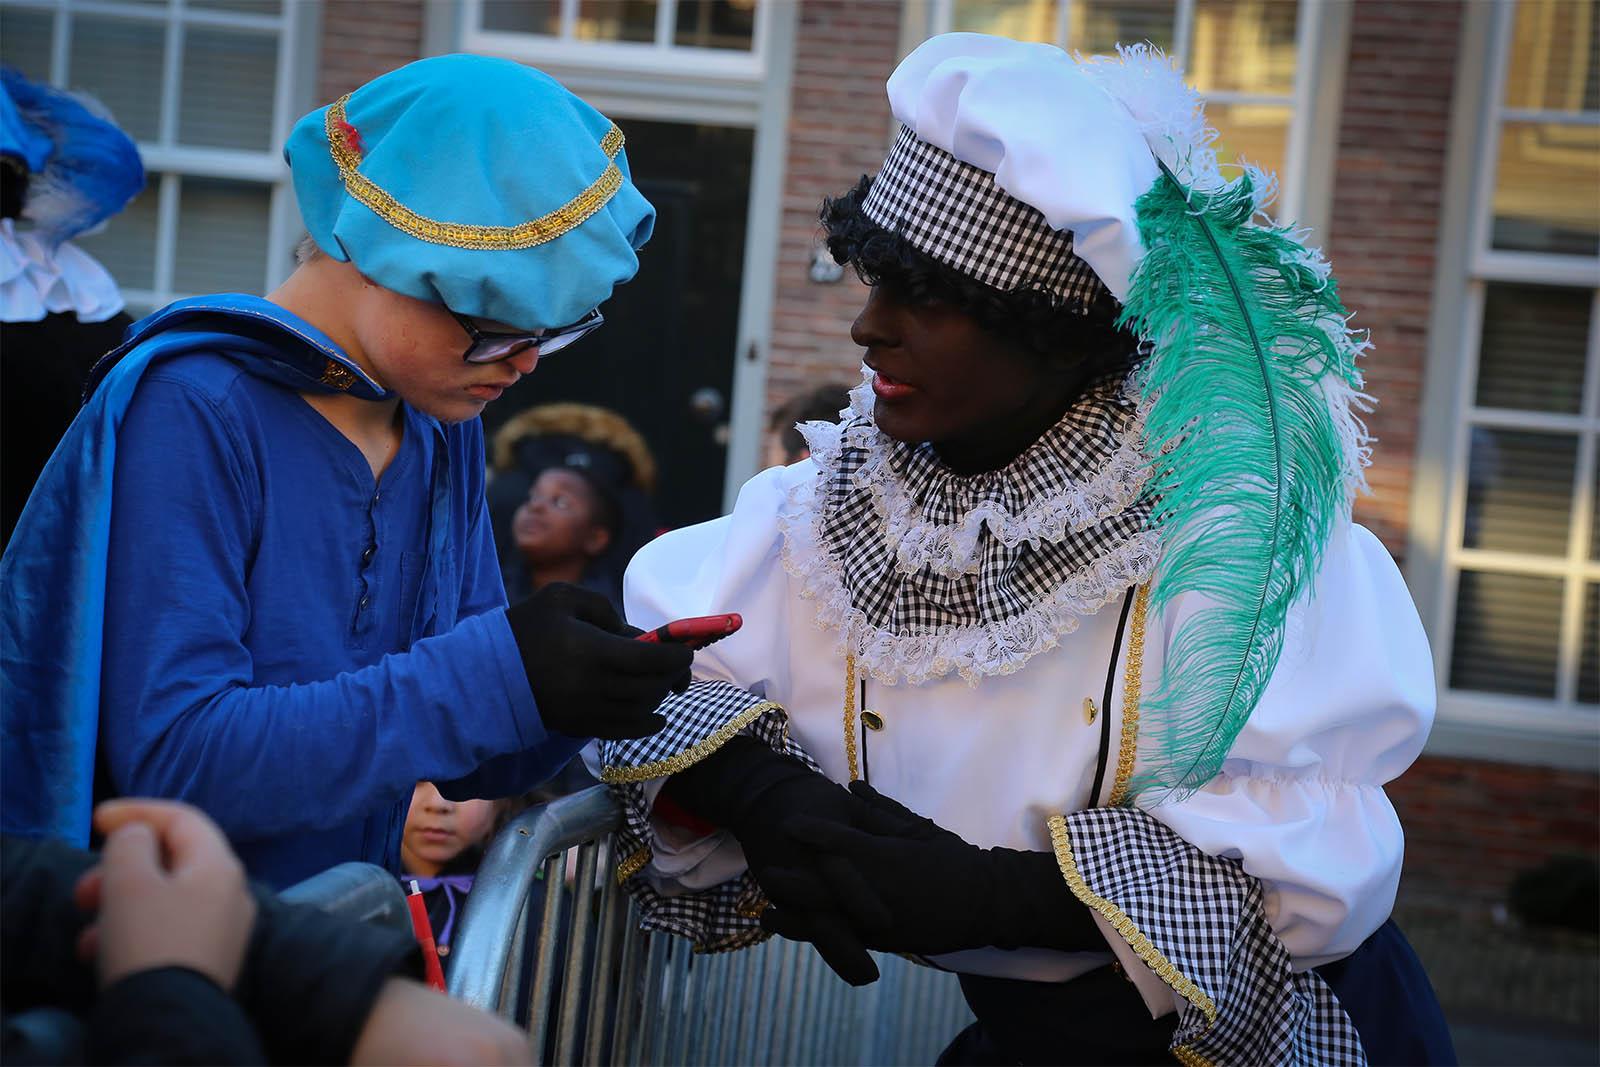 culemborg intocht sinterklaas 2018_0019_©John Verhagen-Sinterklaas 2018-0436.jpg